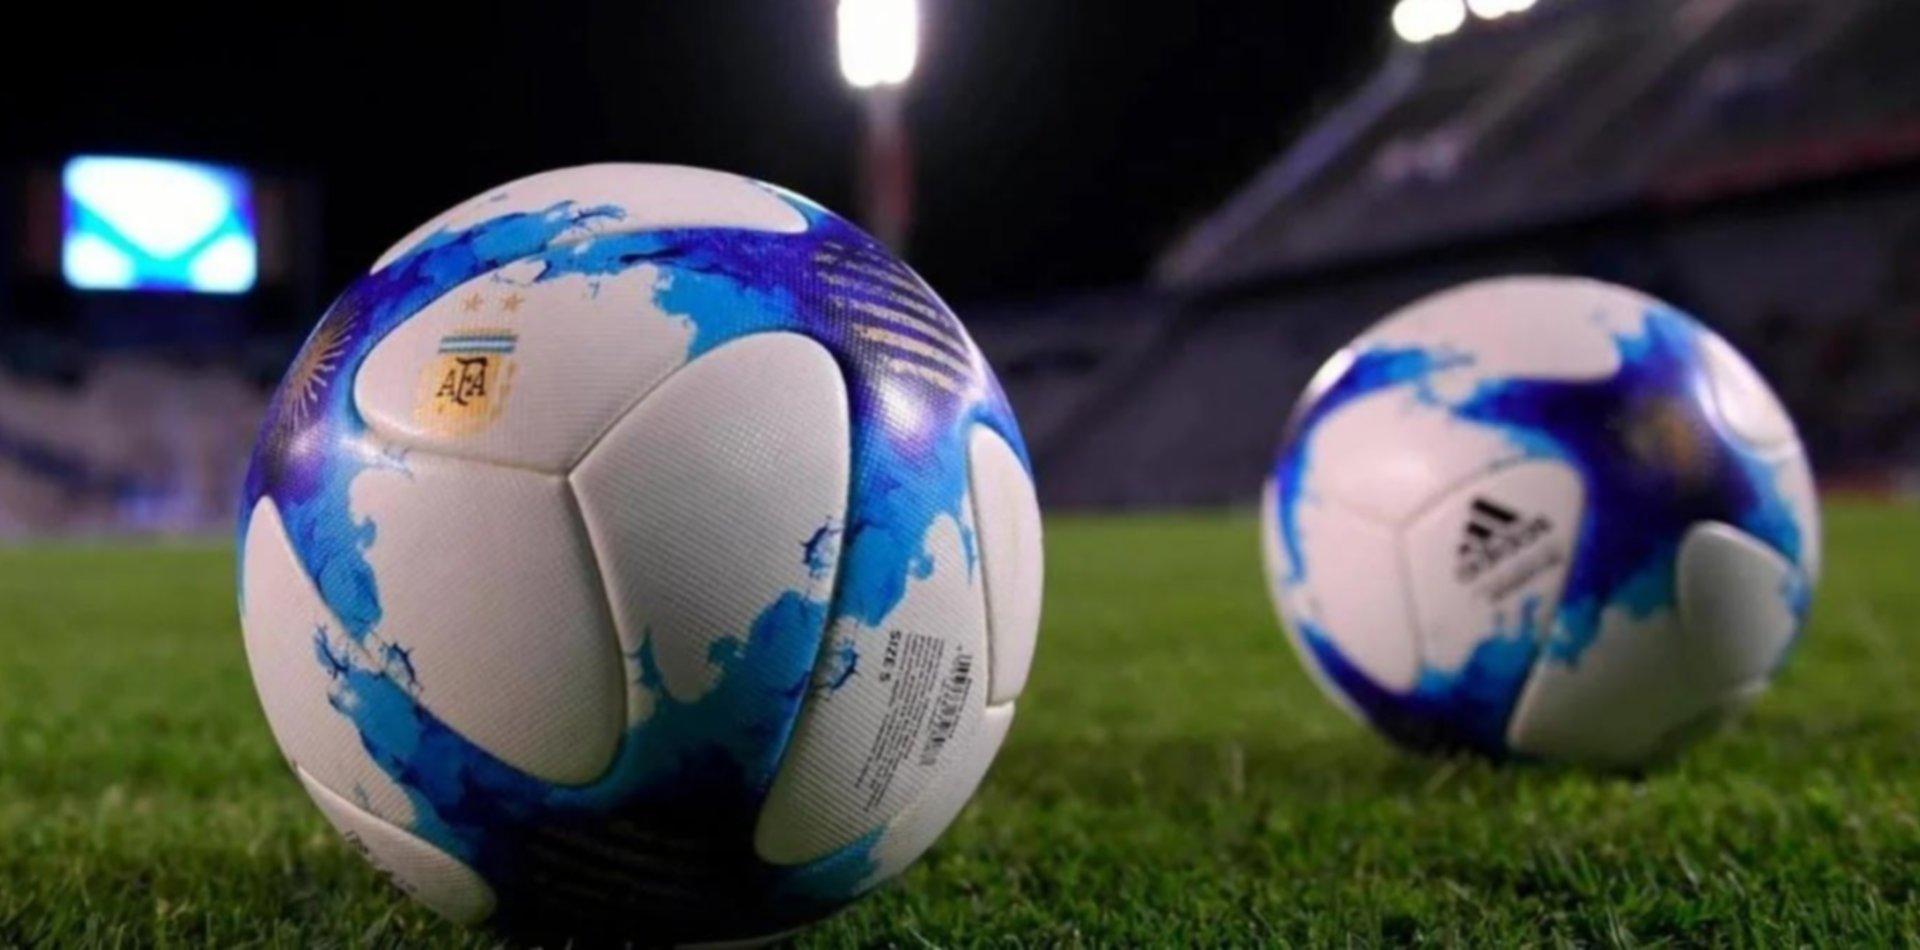 Formato, fechas, clásicos y el polémico VAR: todo lo hay que saber de la vuelta del fútbol